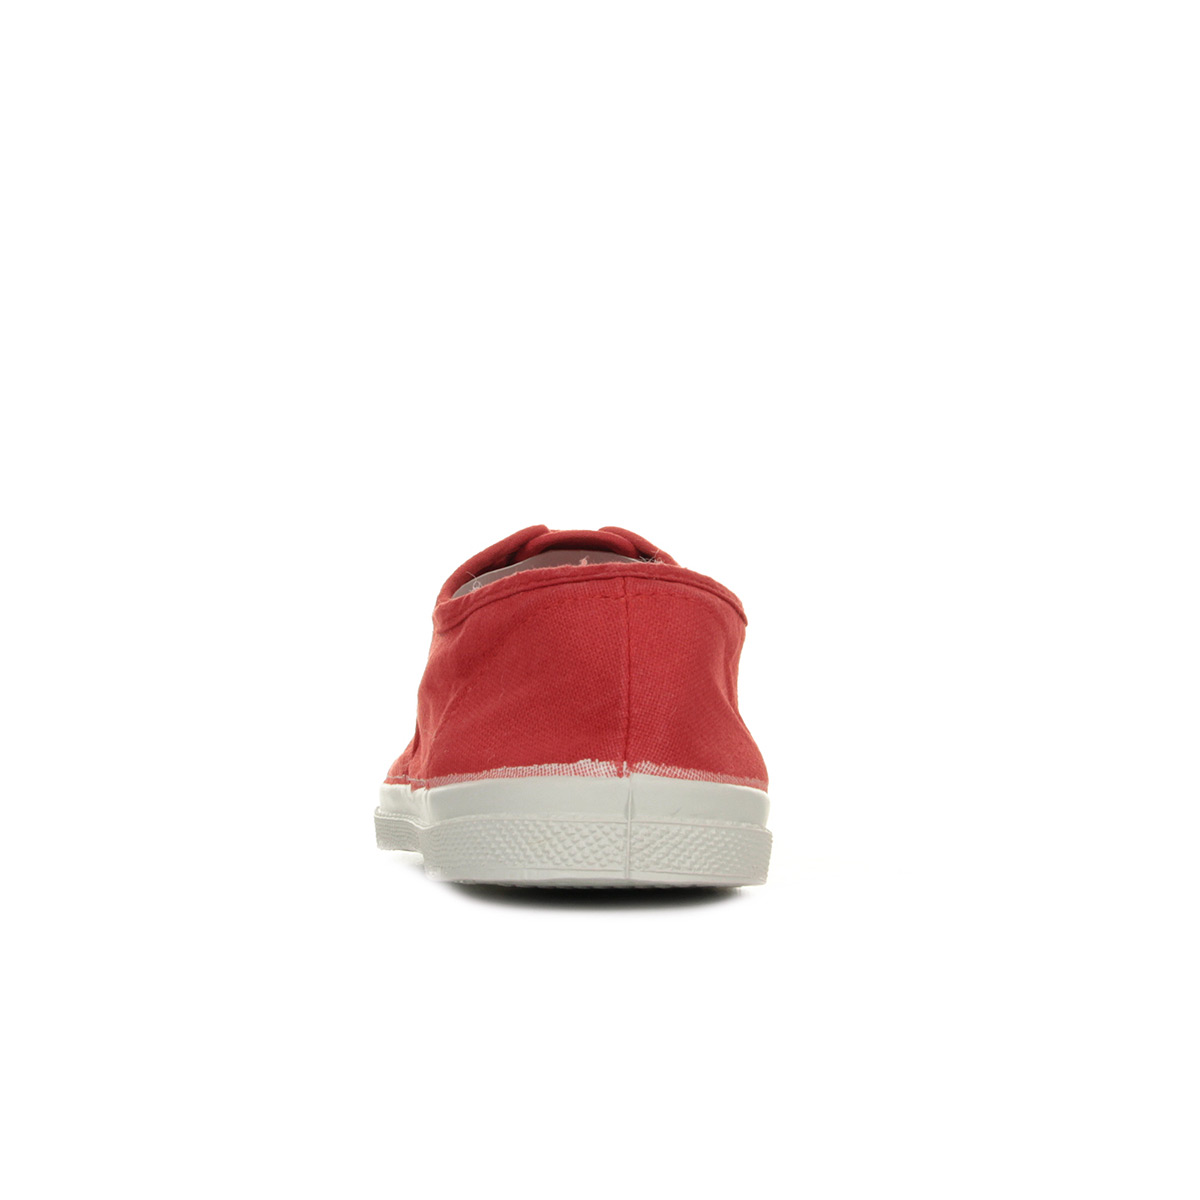 Bensimon Tennis Lacet Rouge F15004C15B310, Baskets mode femme